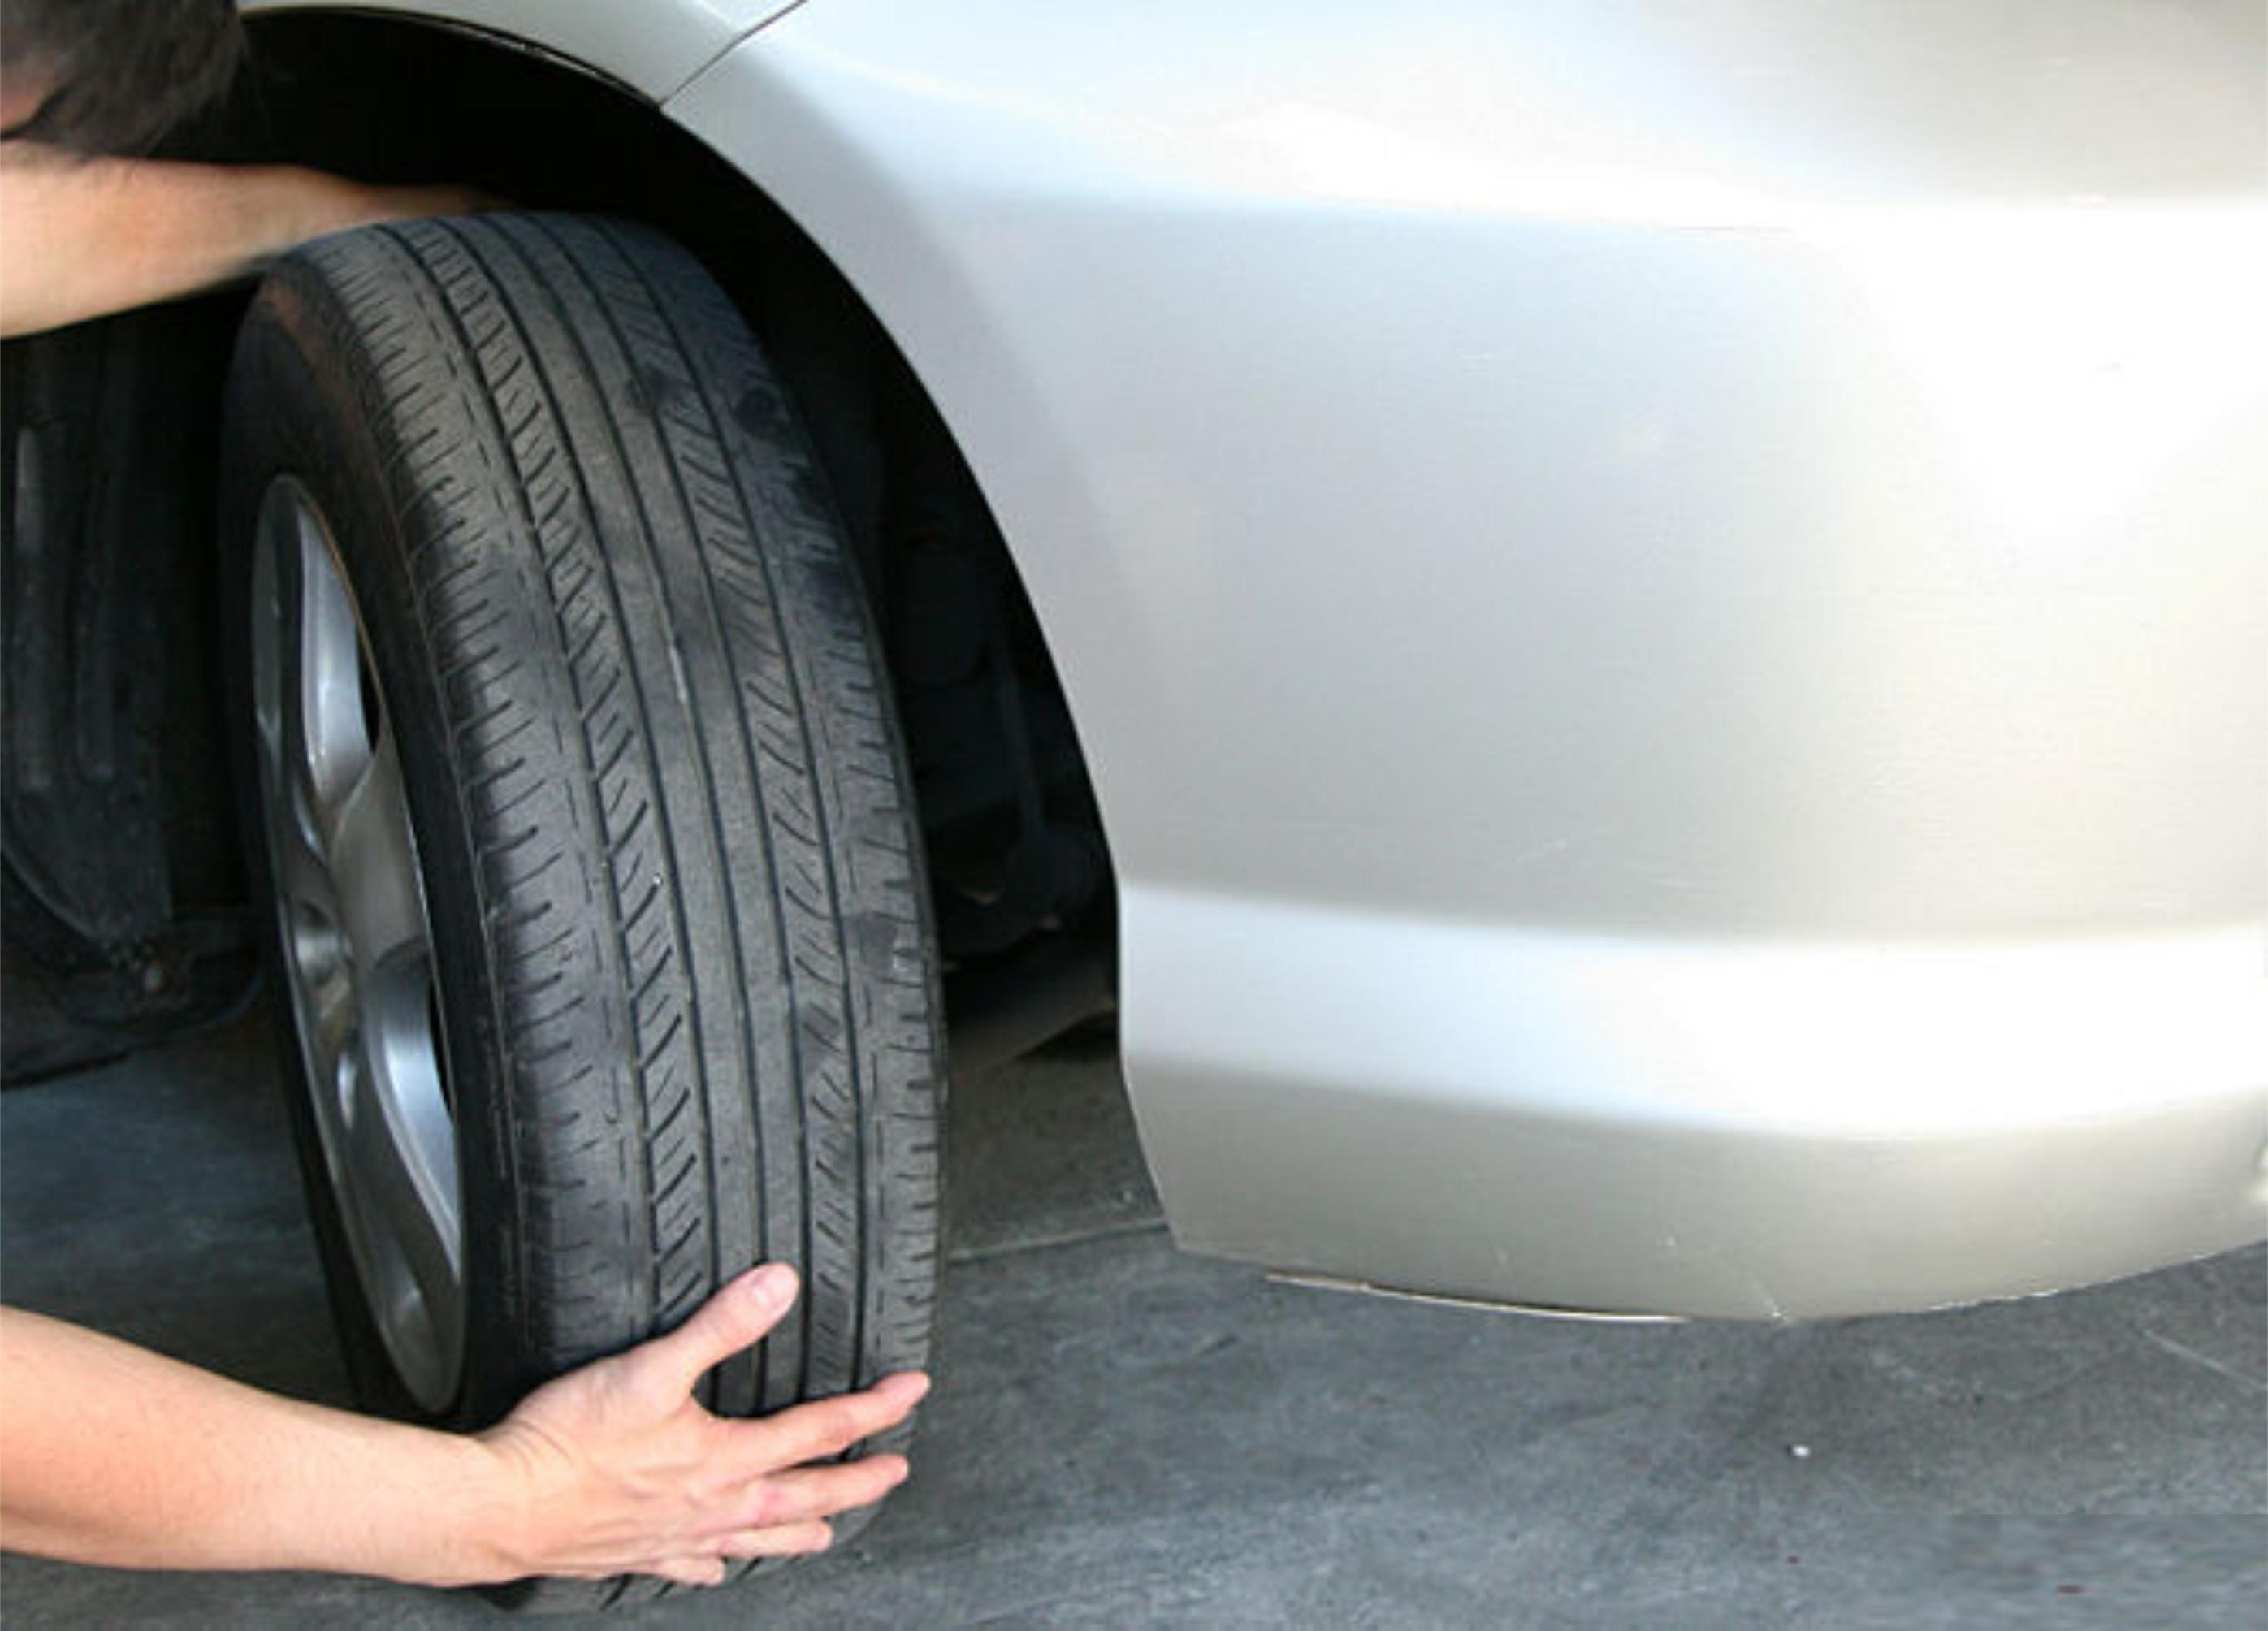 verificando o pneu